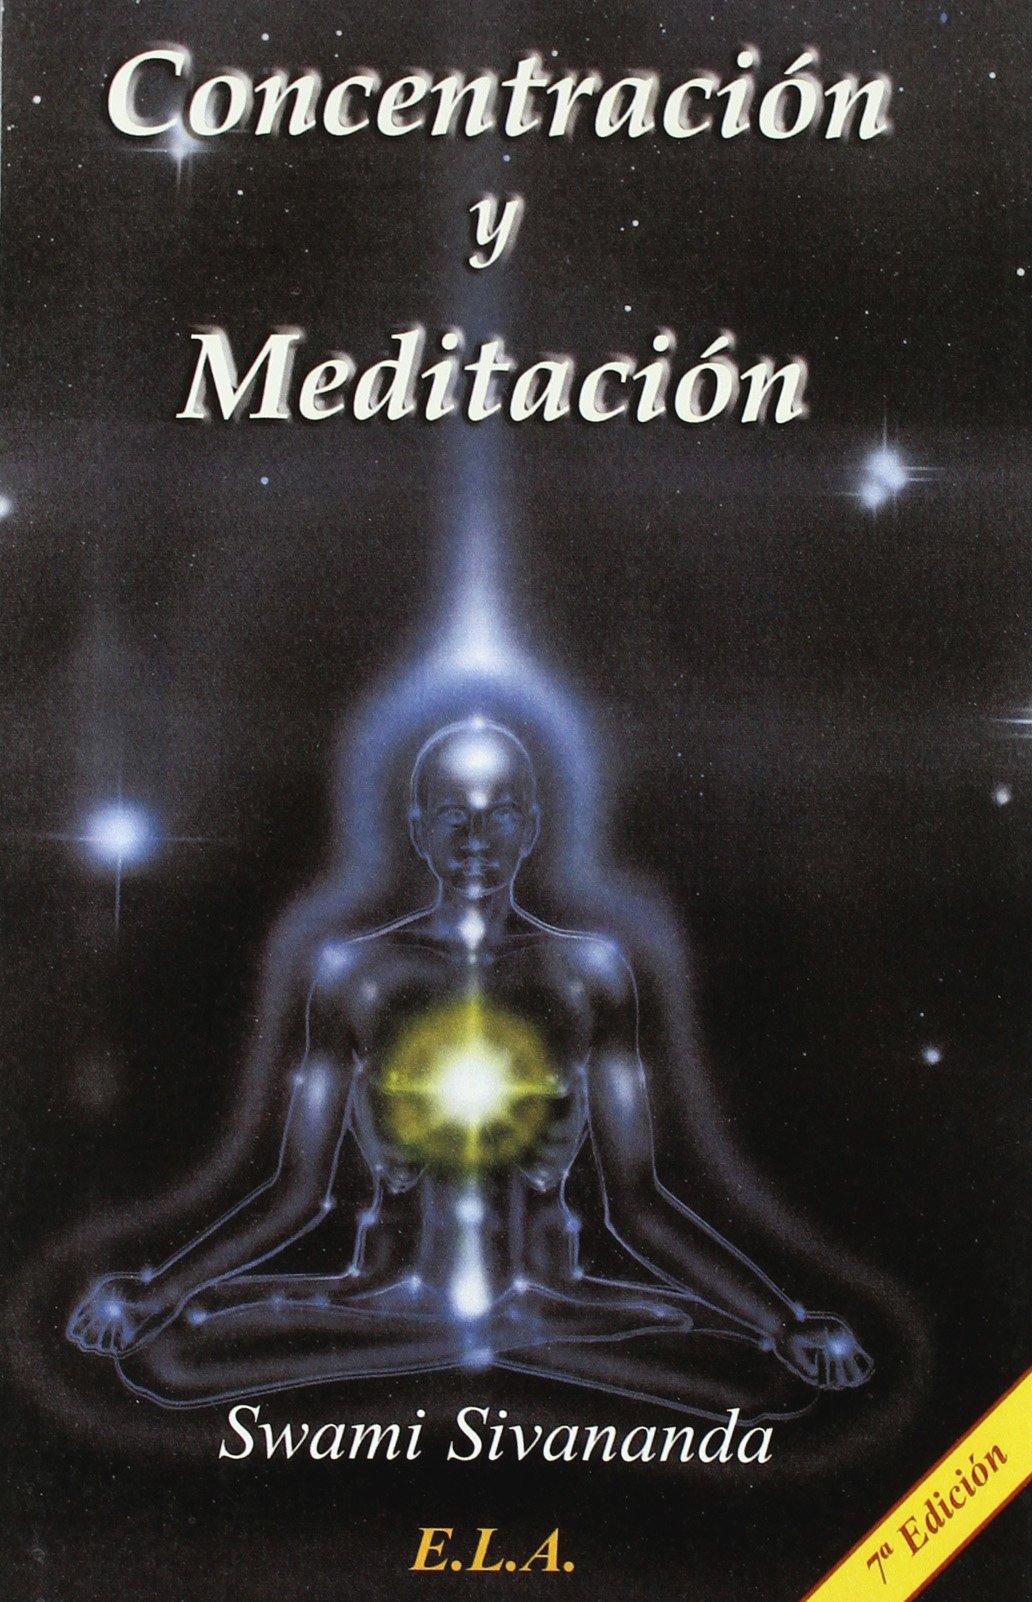 Concentracion y meditacion (Swami Sivananda (ela)) Tapa blanda – 7 may 2010 Ediciones Libreria Argentina 848589569X Budismo zen Zen Buddhism